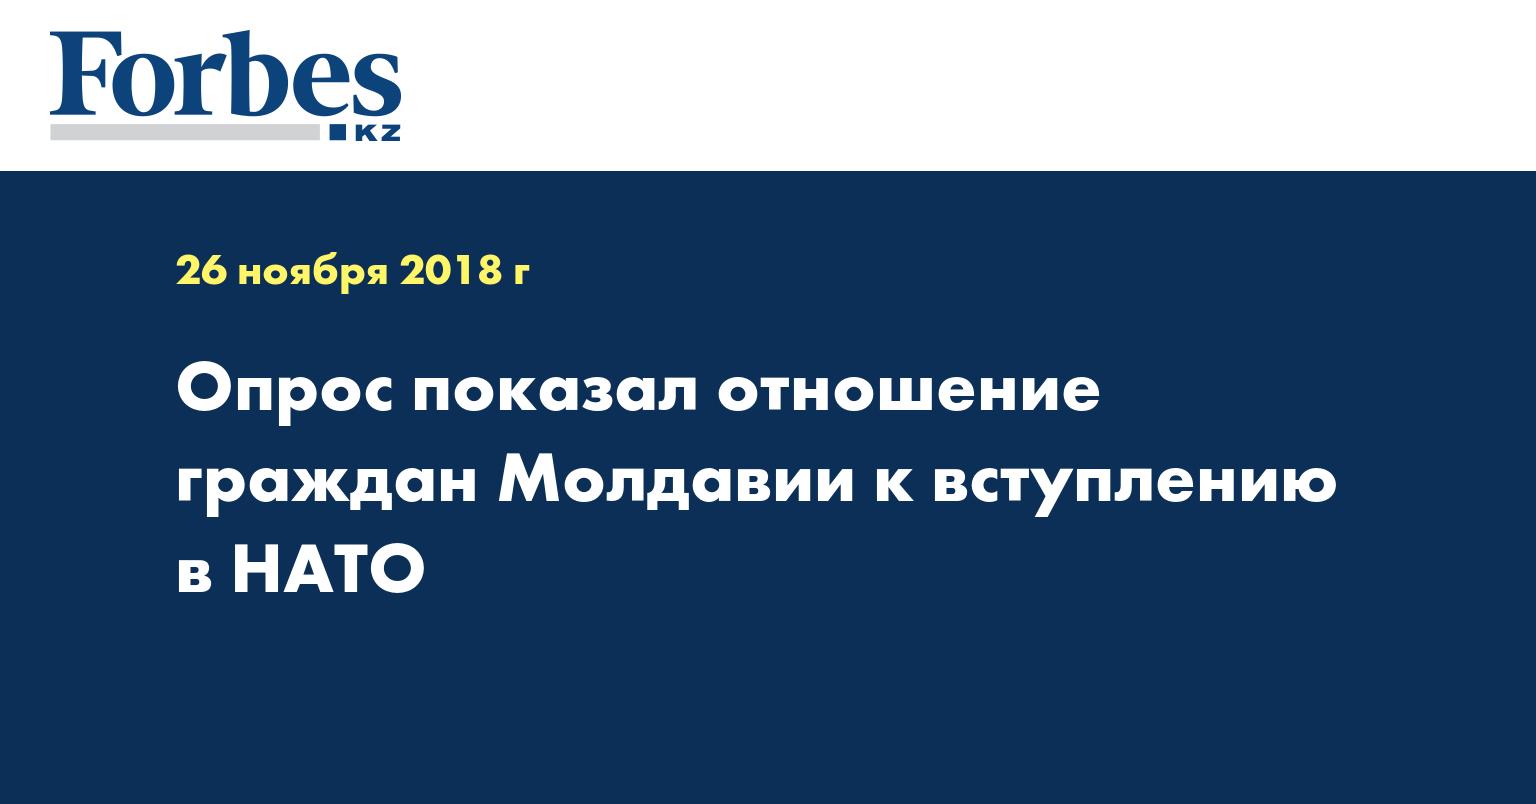 Опрос показал отношение граждан Молдавии к вступлению в НАТО